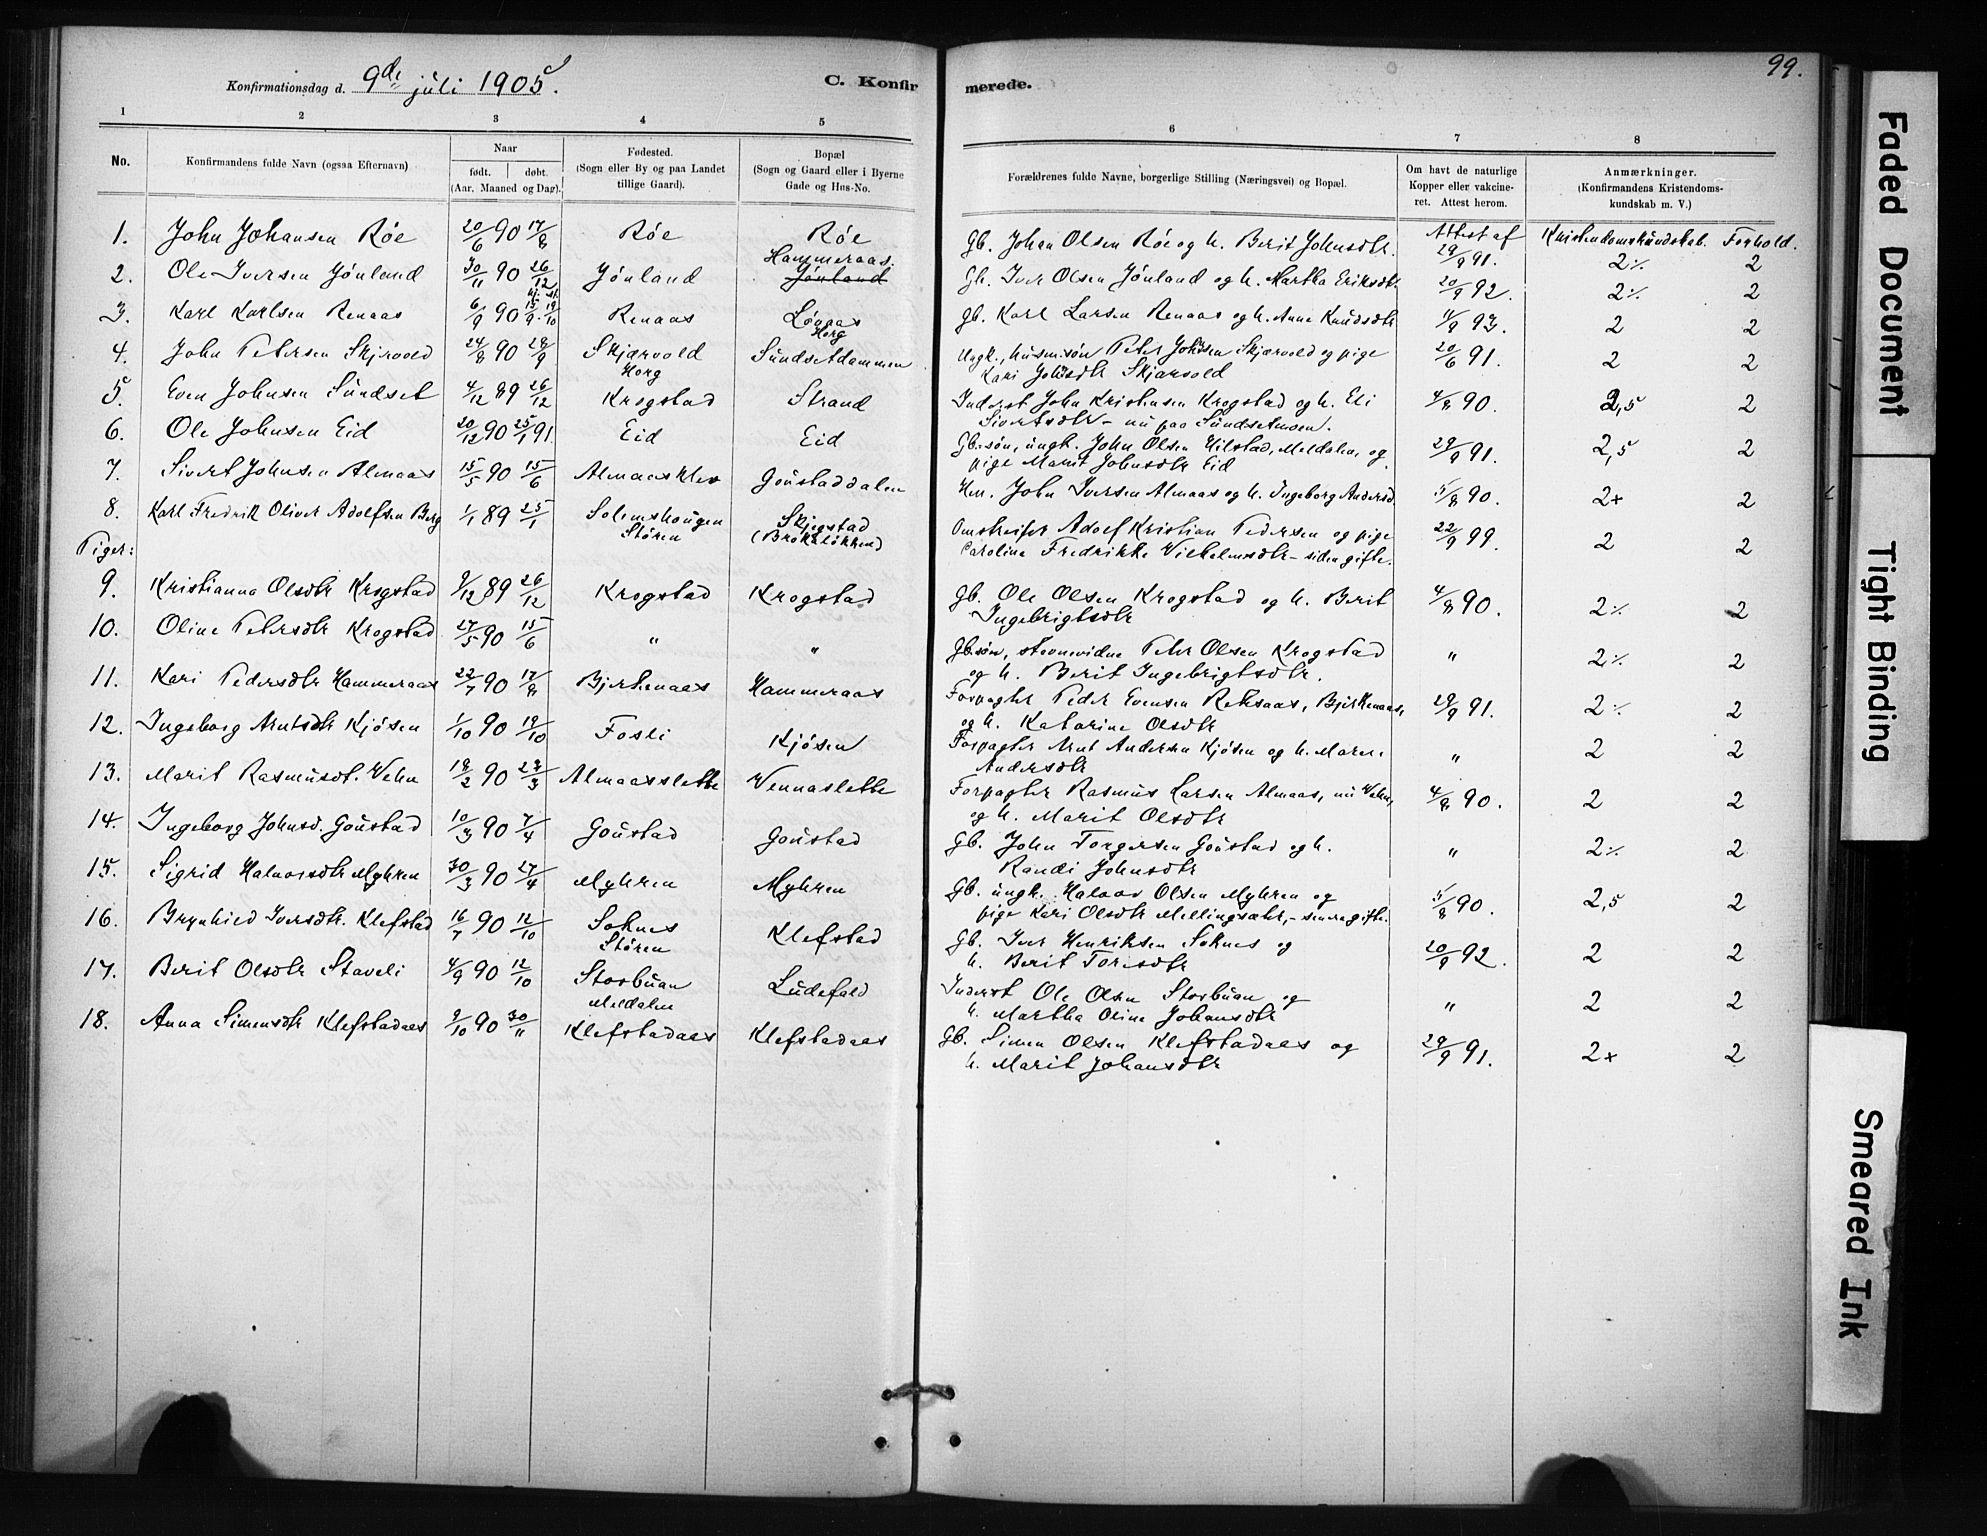 SAT, Ministerialprotokoller, klokkerbøker og fødselsregistre - Sør-Trøndelag, 694/L1127: Ministerialbok nr. 694A01, 1887-1905, s. 99